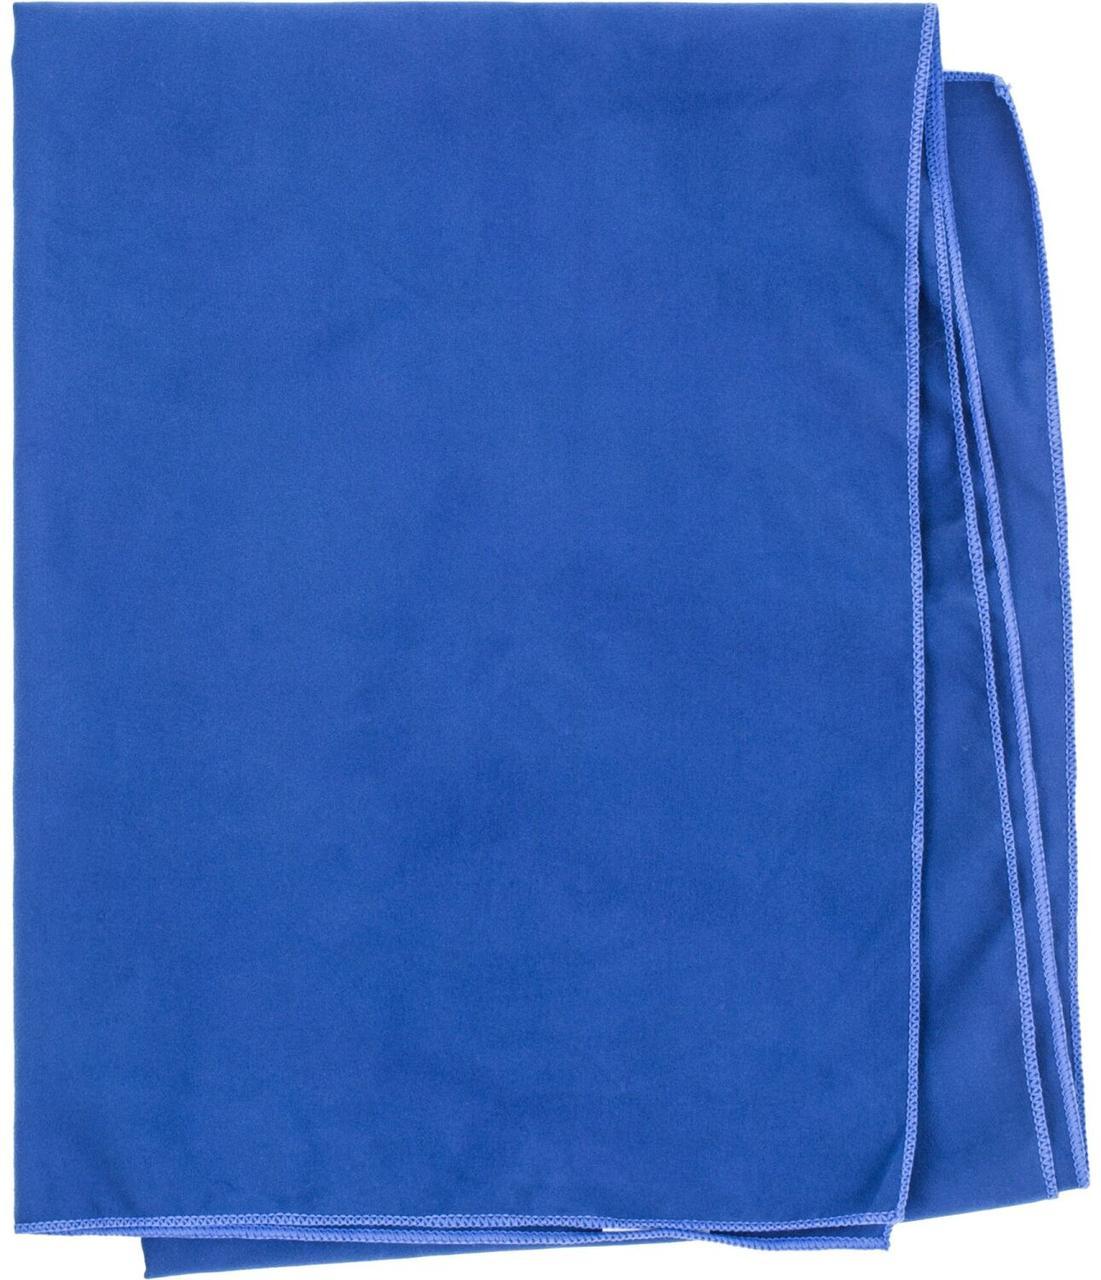 Полотенце абсорбирующее Joss Absorption Towel, черничный